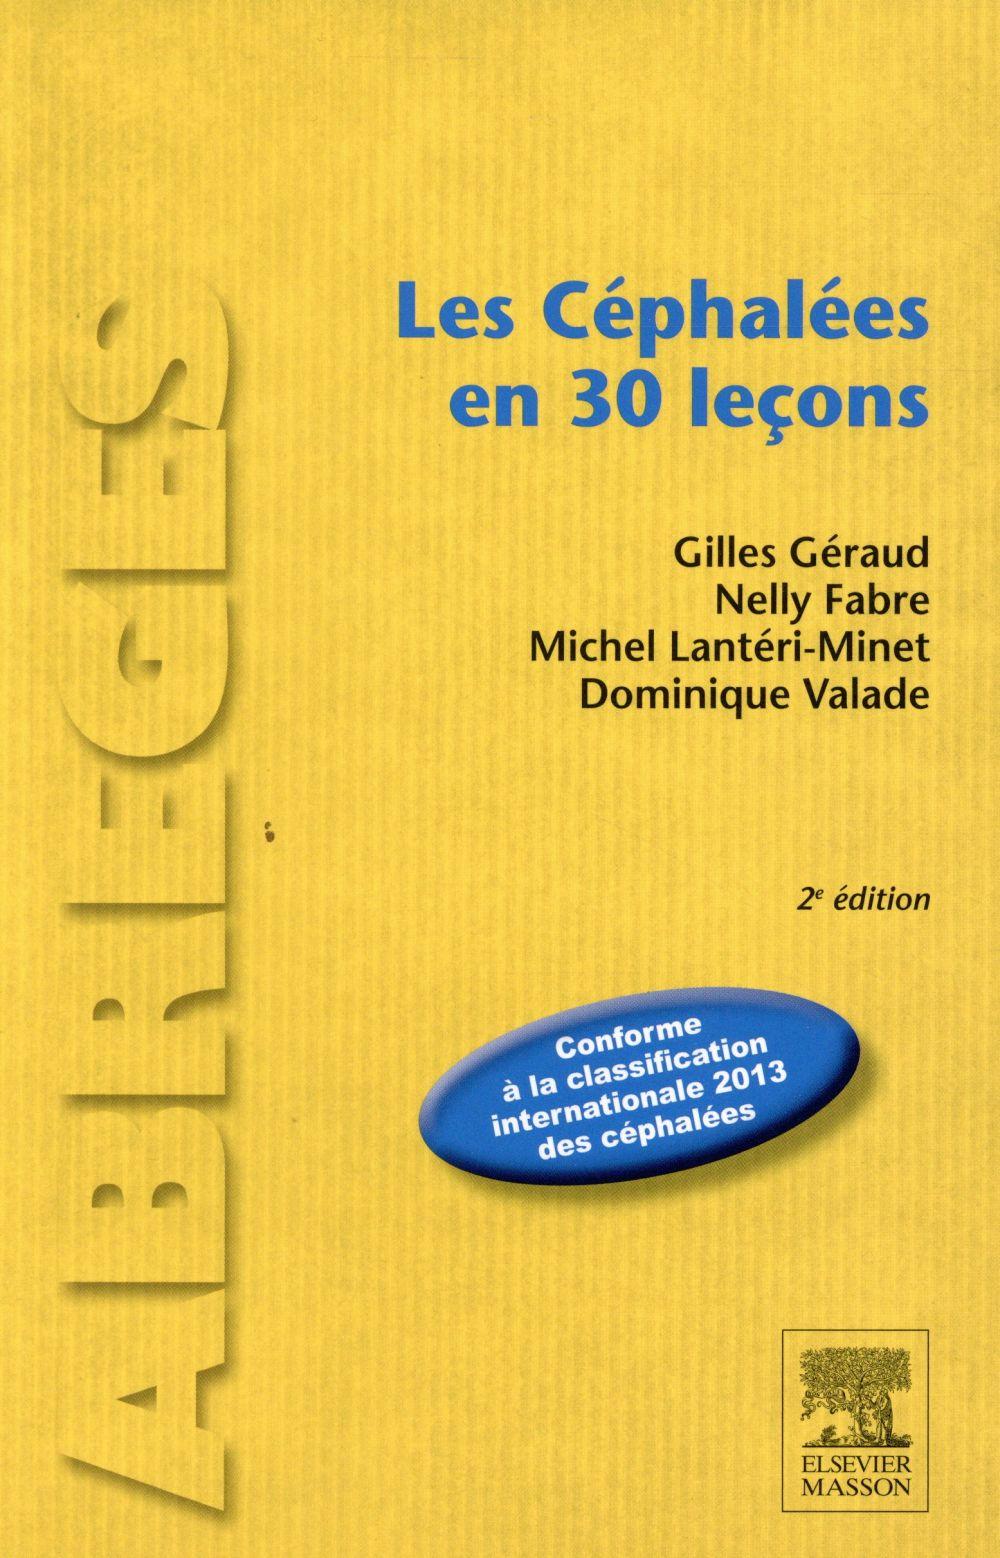 les céphalées en 30 leçons (2e édition)